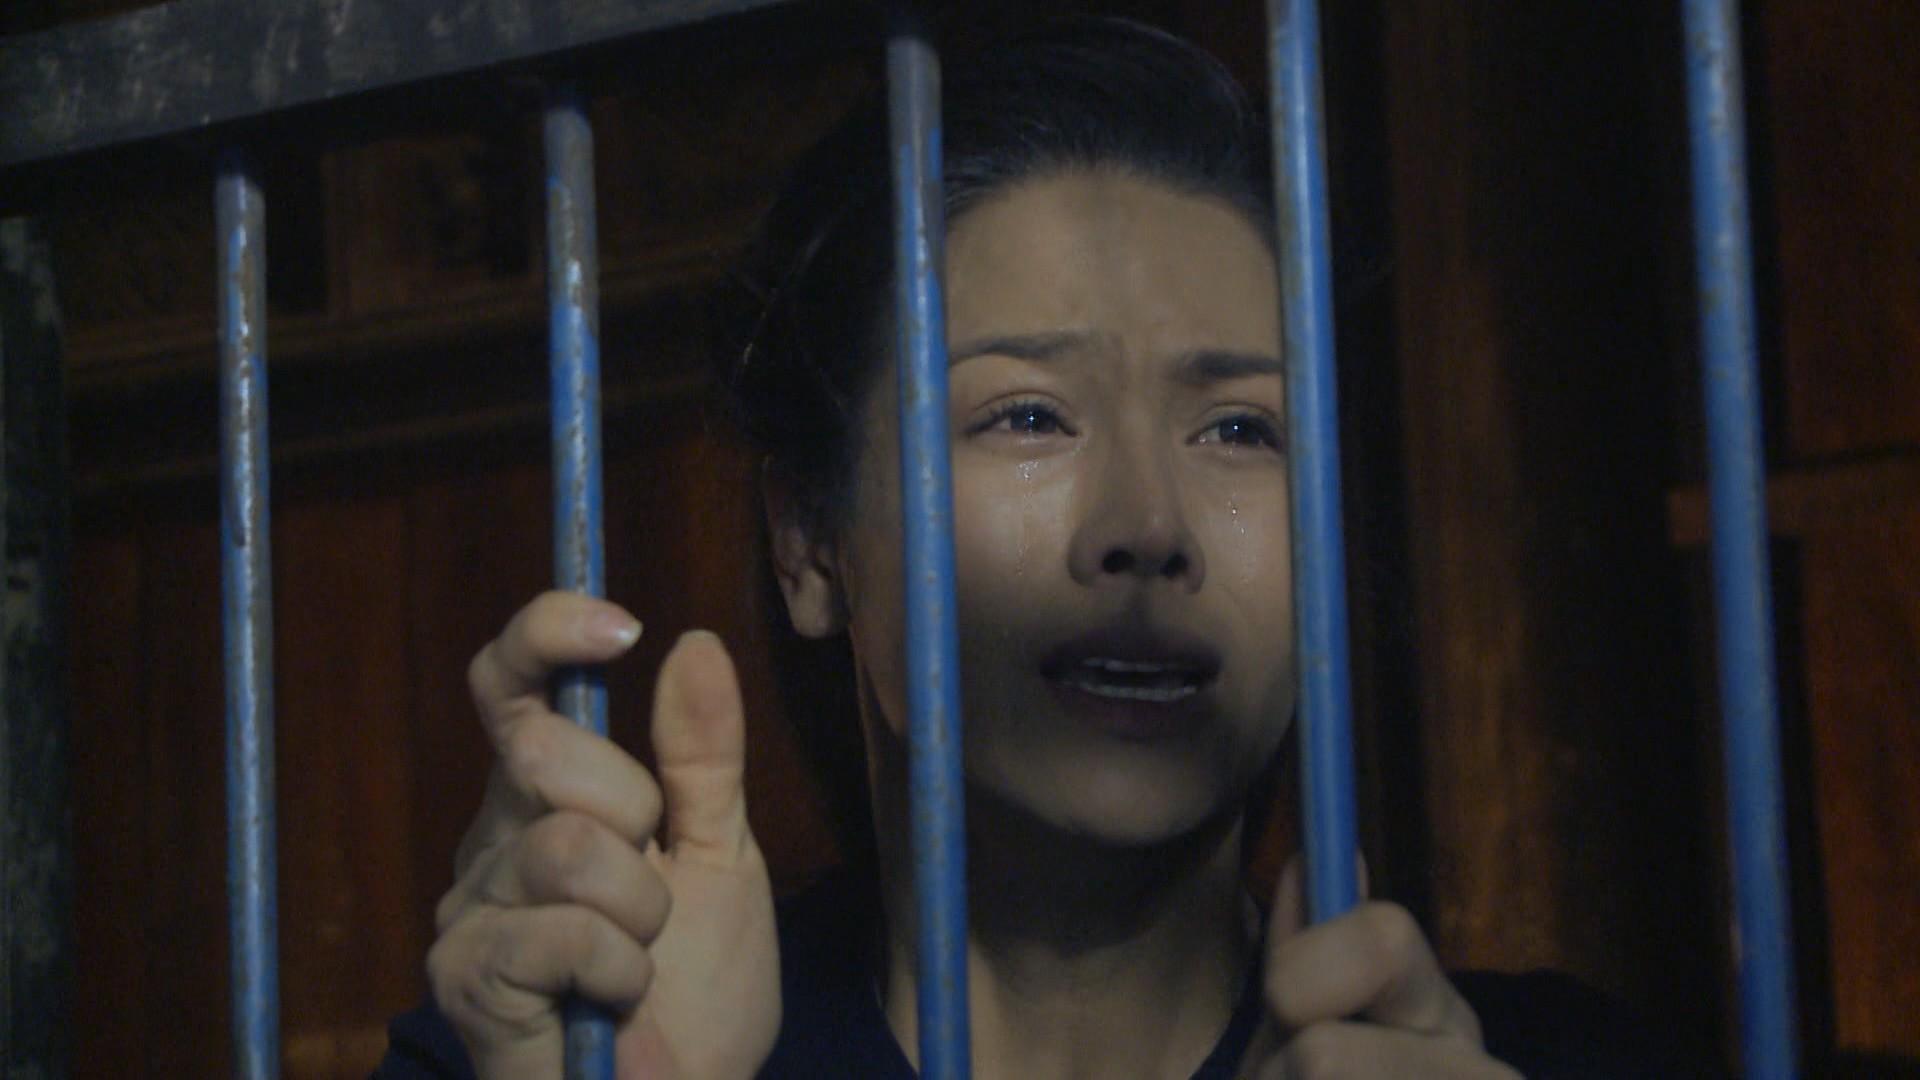 Tiếng sét trong mưa tập 21: Nghe tin vợ bị tố ngoại tình nhưng phản ứng sau đó của Khải Duy - Cao Minh Đạt mới gây chú ý - Hình 1